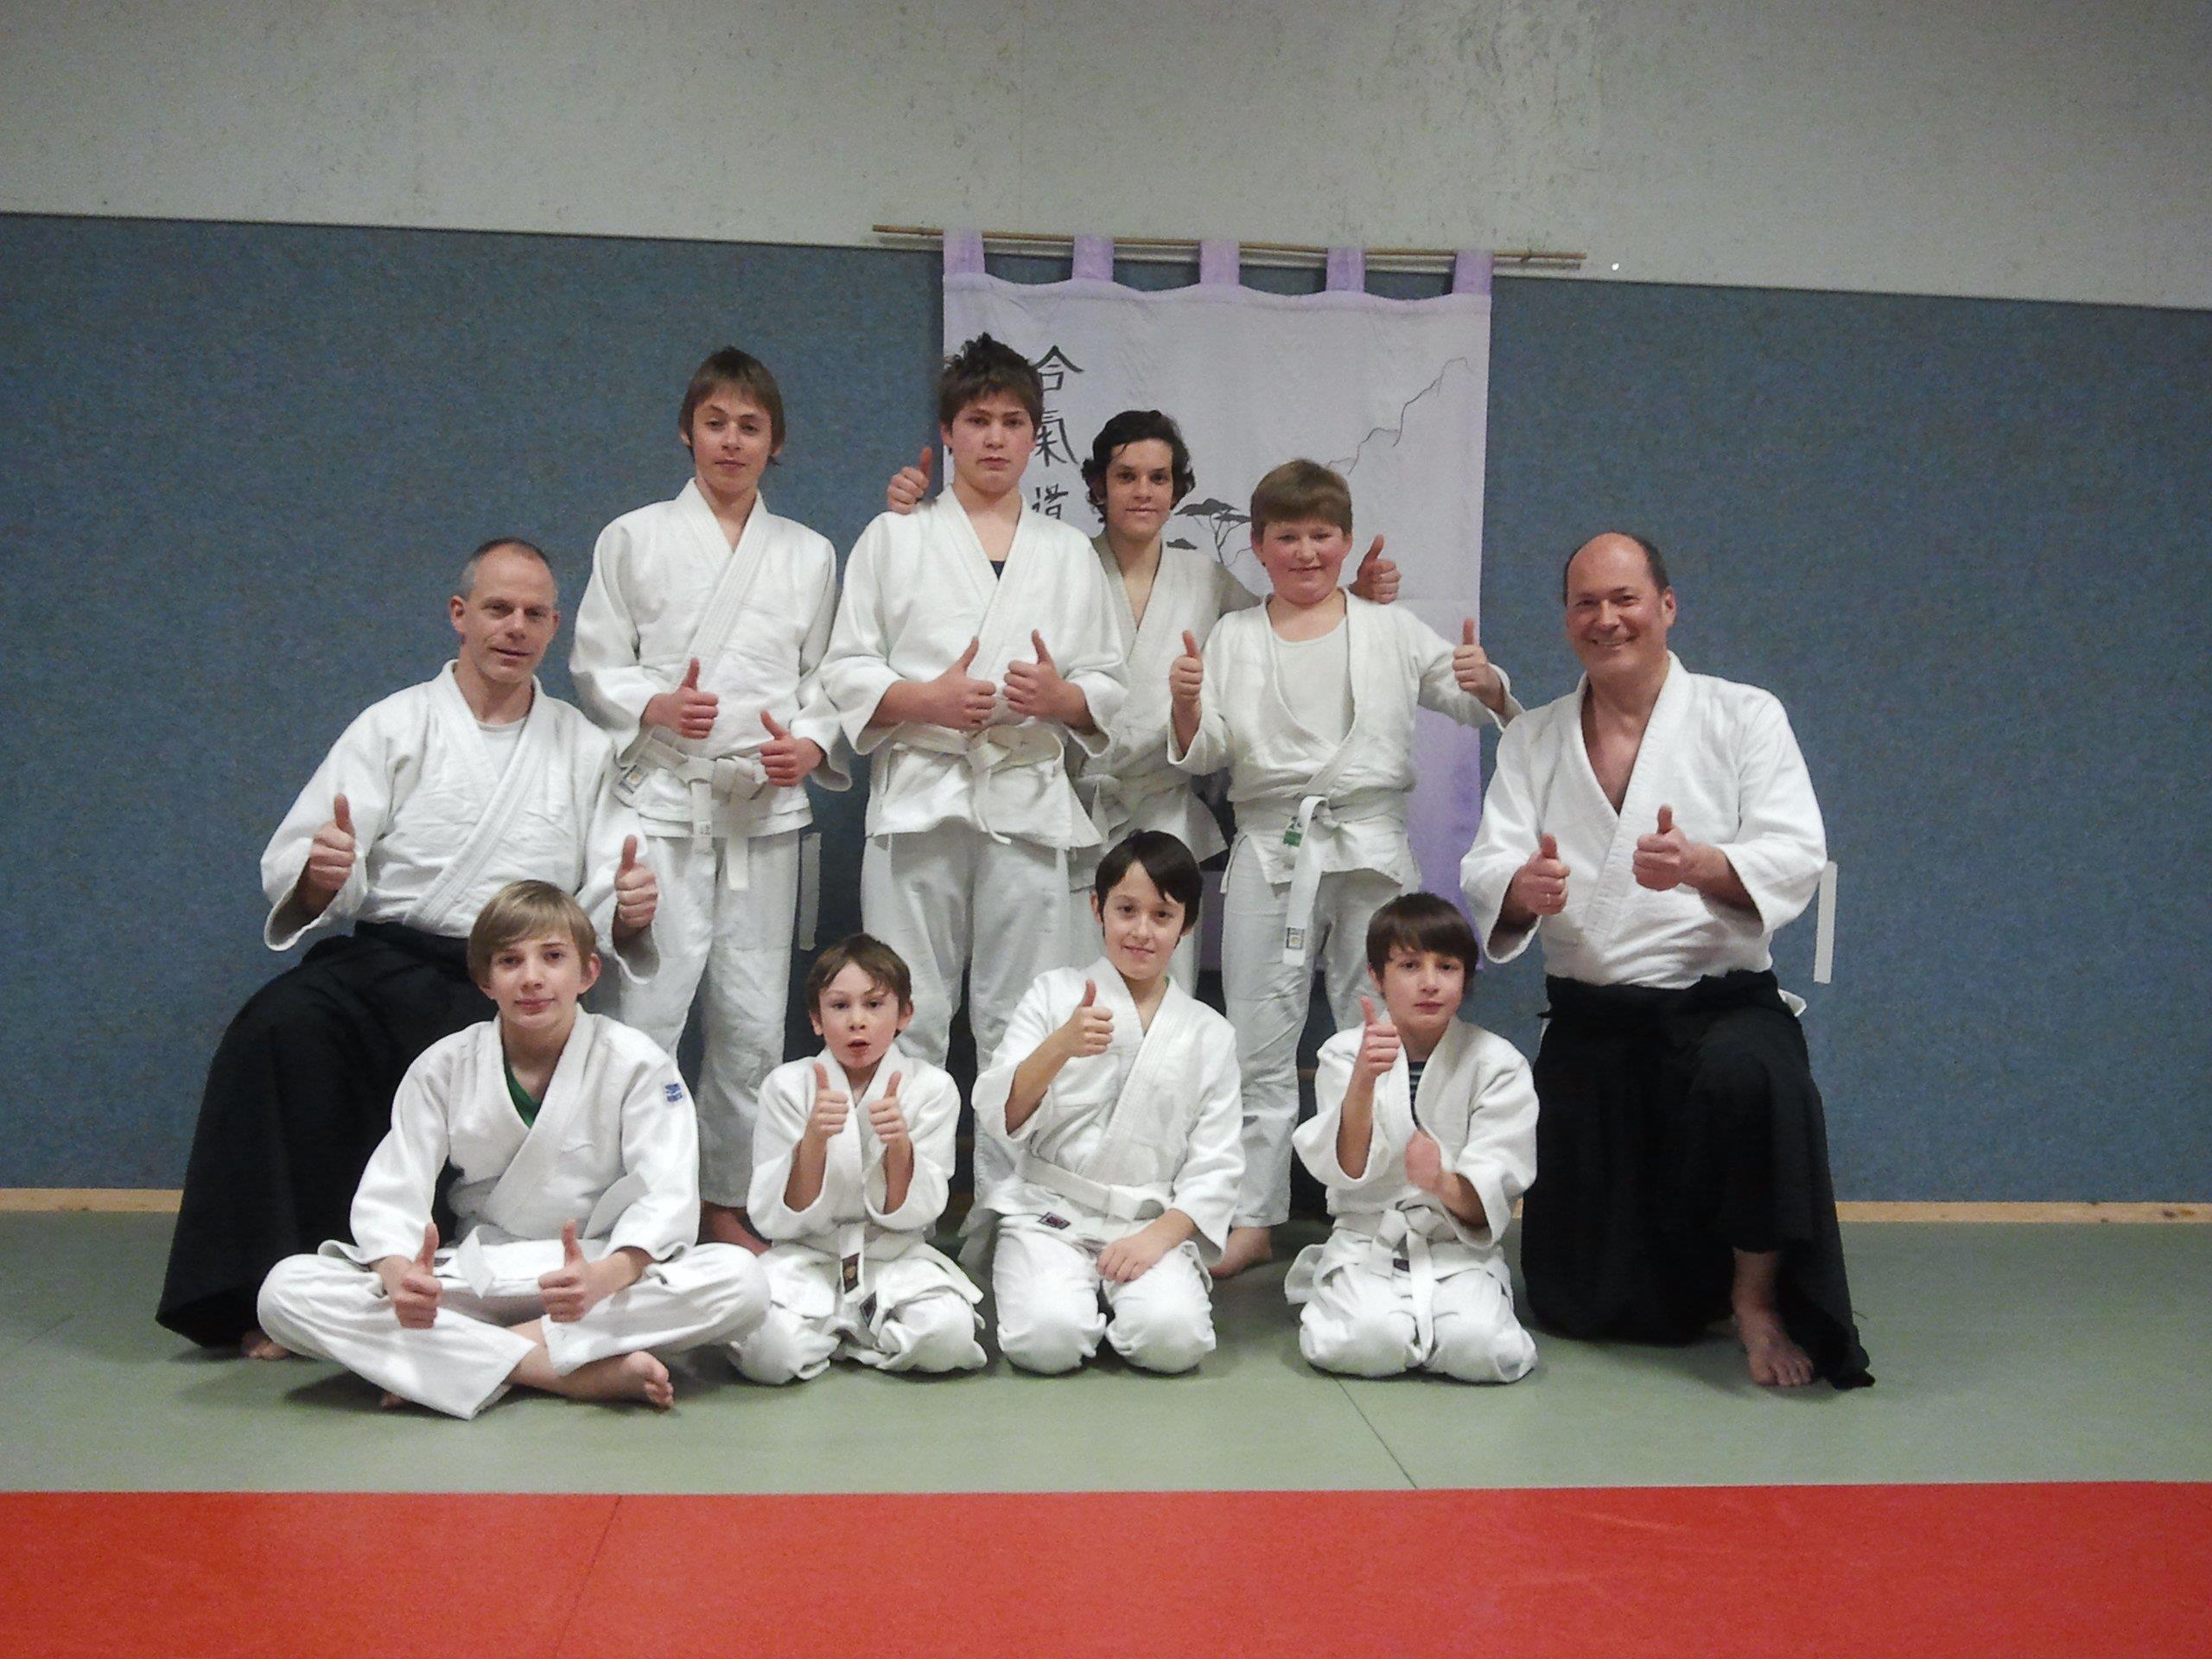 Mitglieder des Jugendtrainings mit Trainer